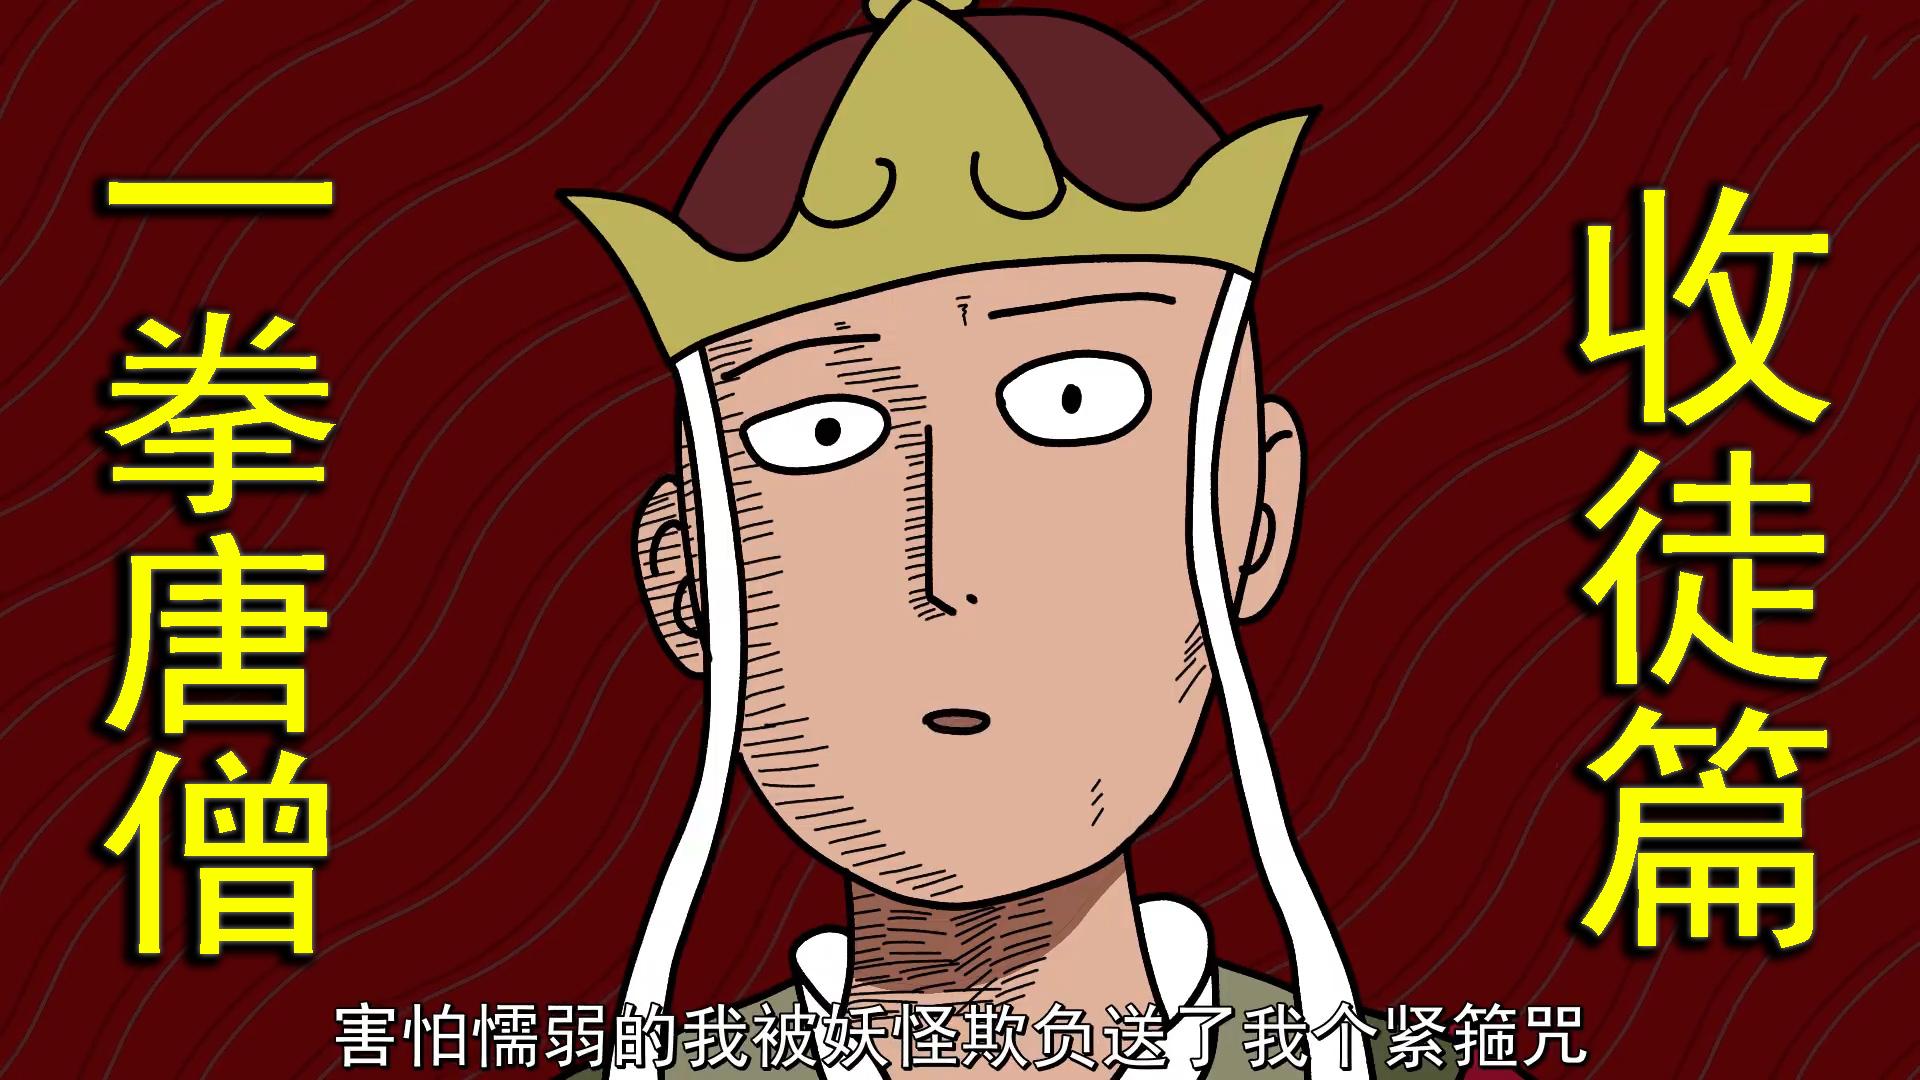 【沙雕动画】最强唐僧之一拳唐僧:收徒总结篇!